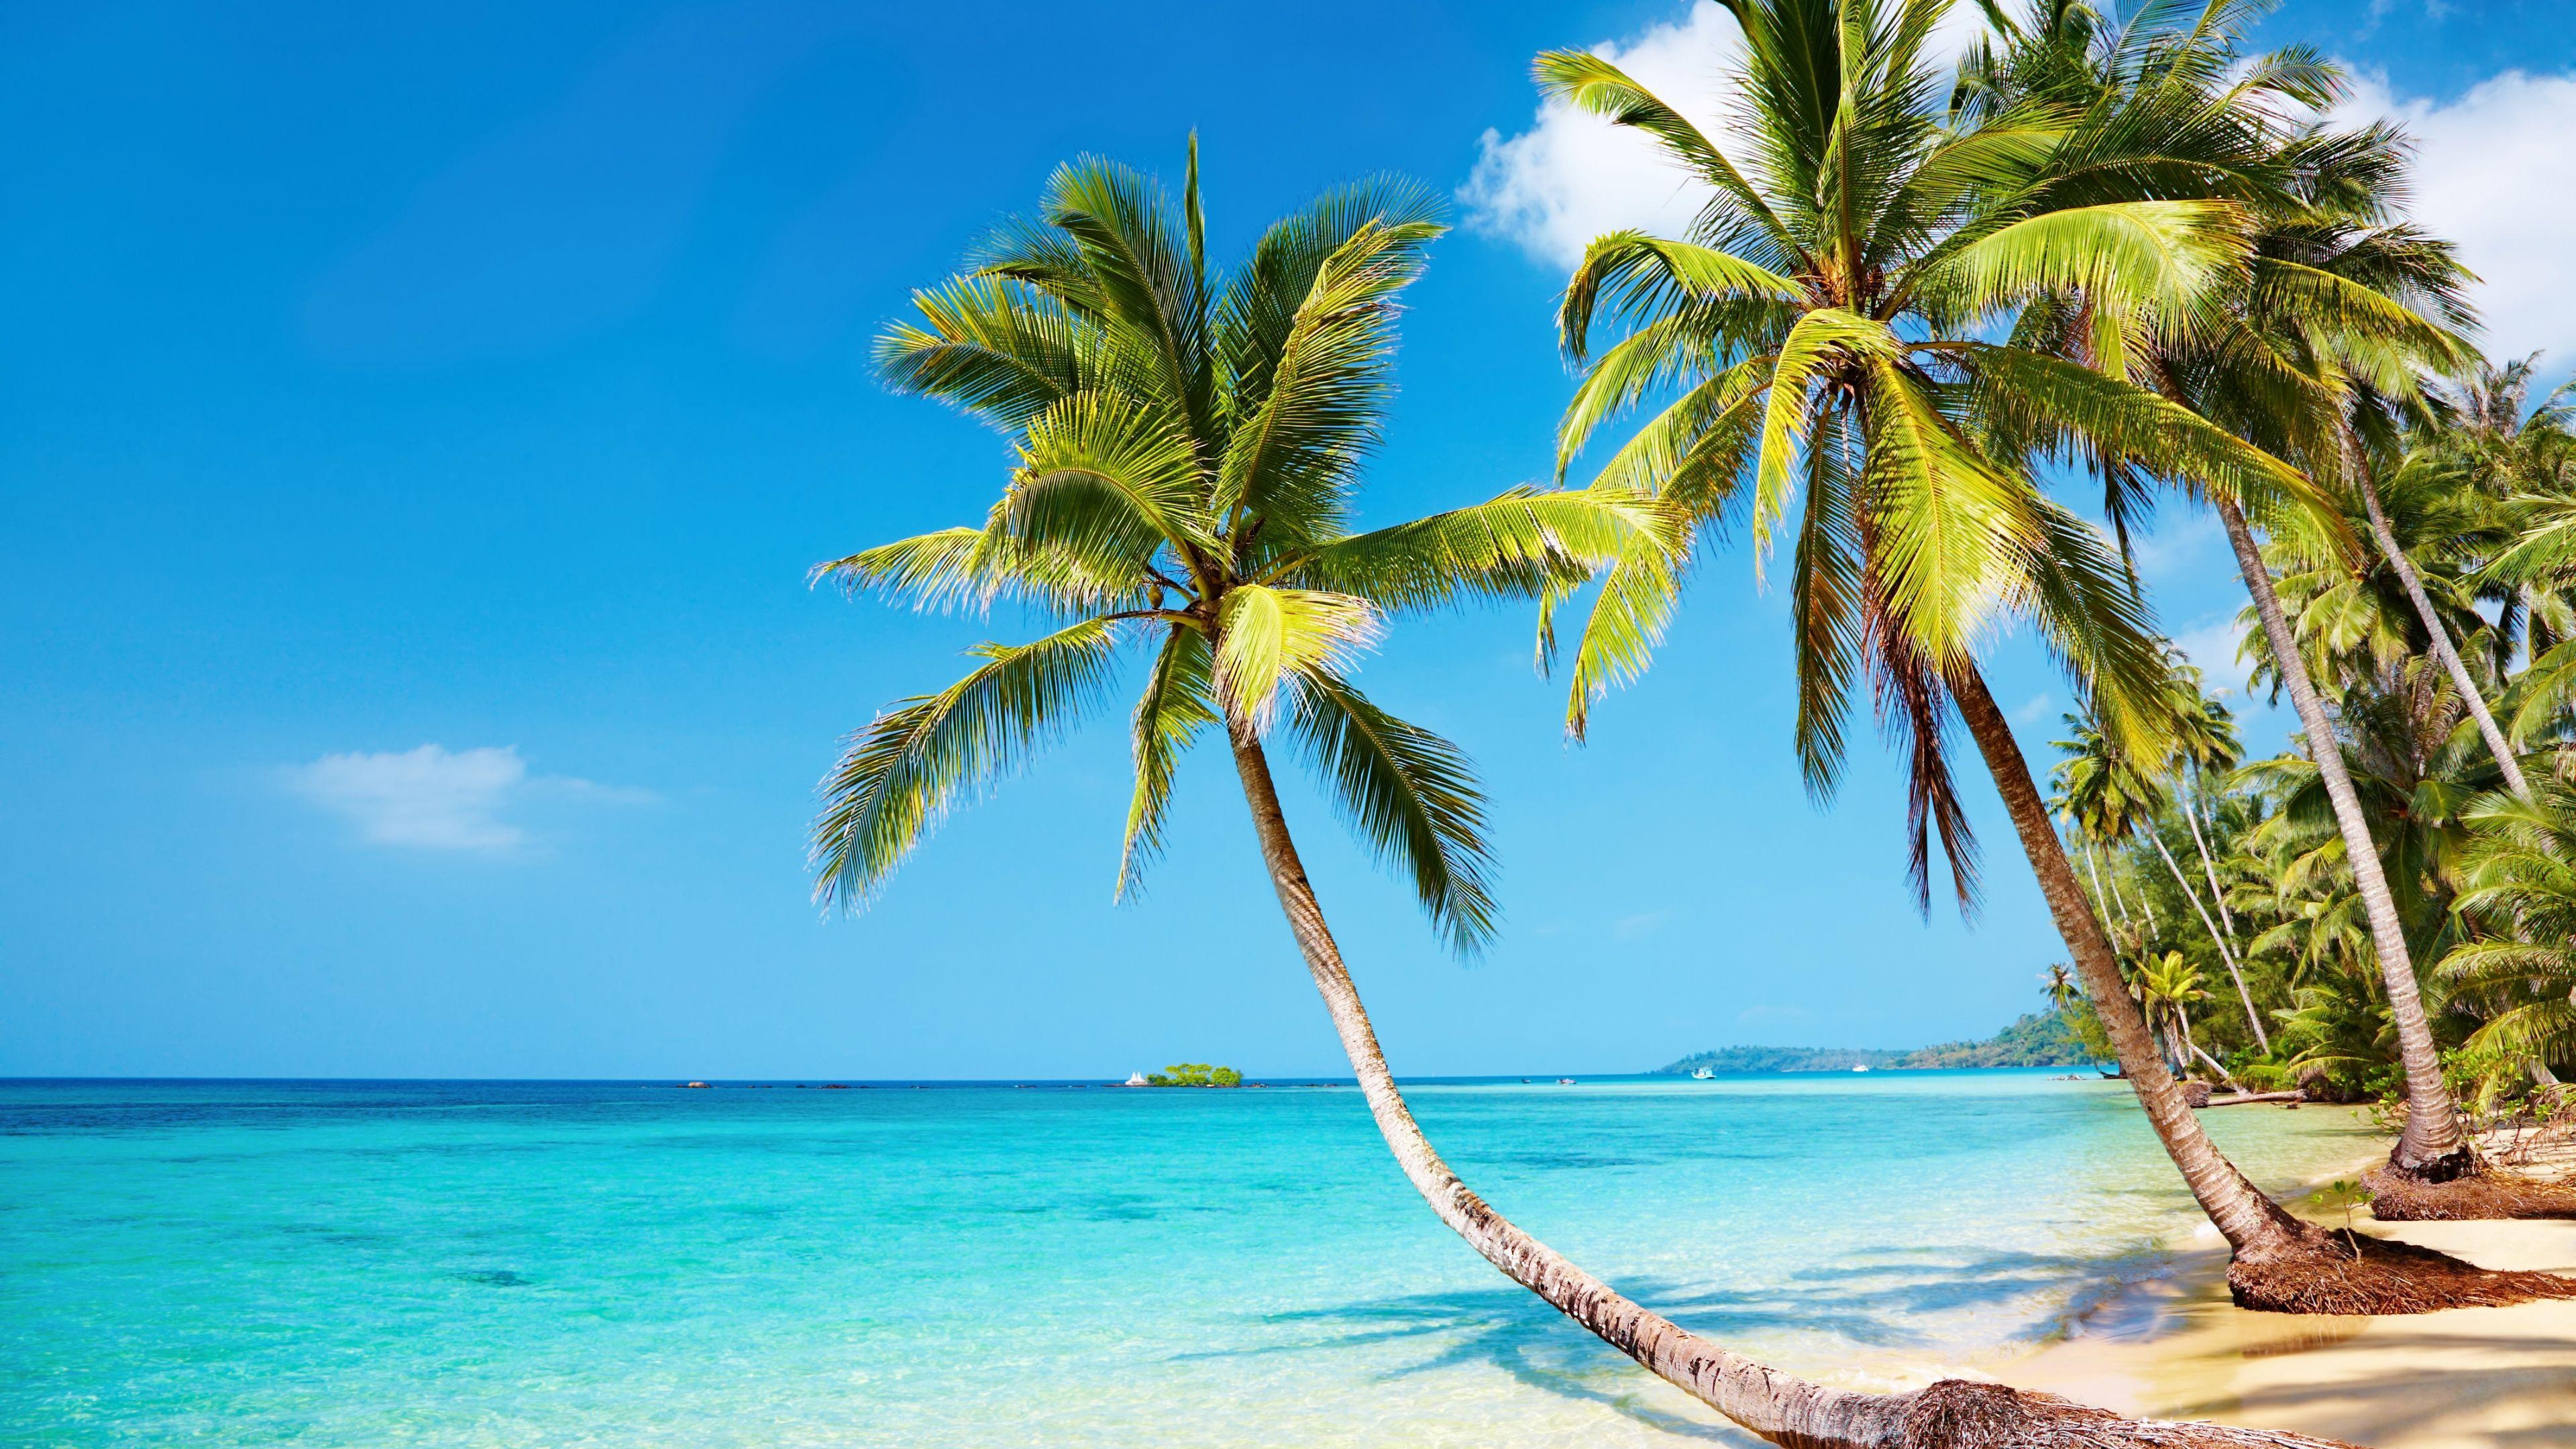 Beach 12K Wallpapers   Top Free Beach 12K Backgrounds   WallpaperAccess